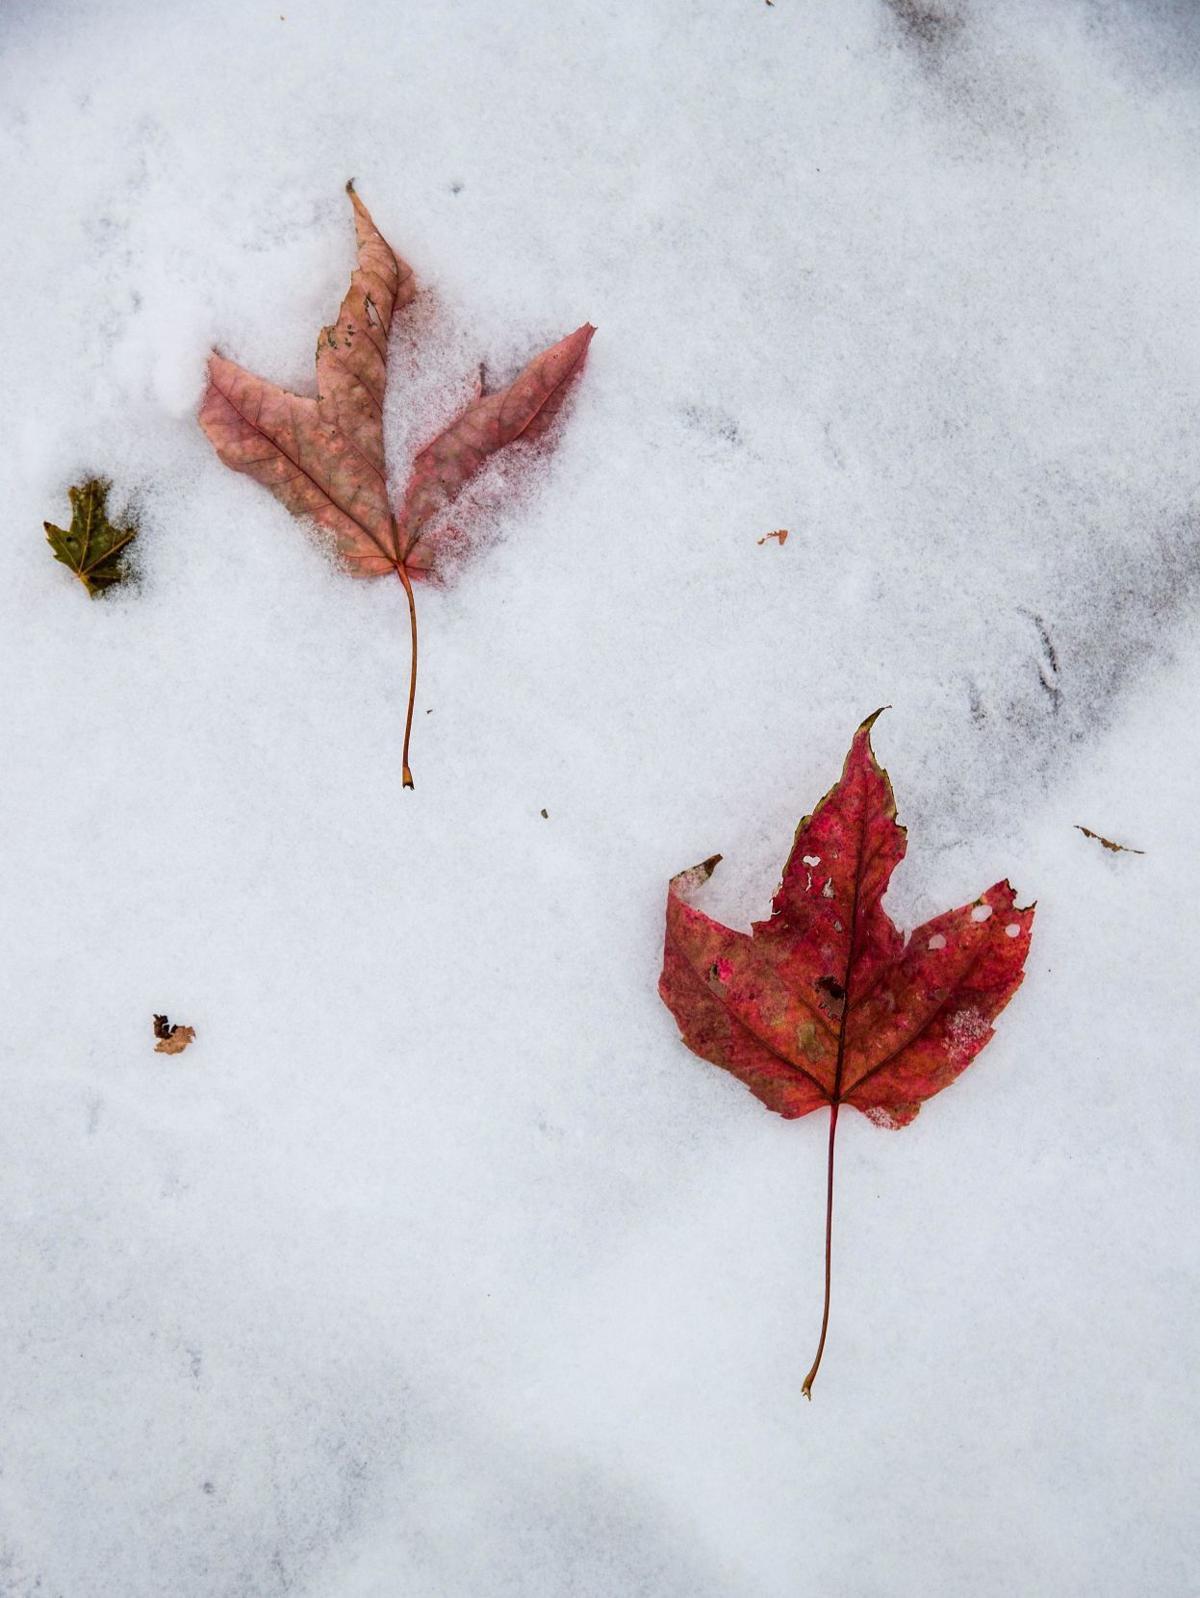 Leaves on snow, 11/11